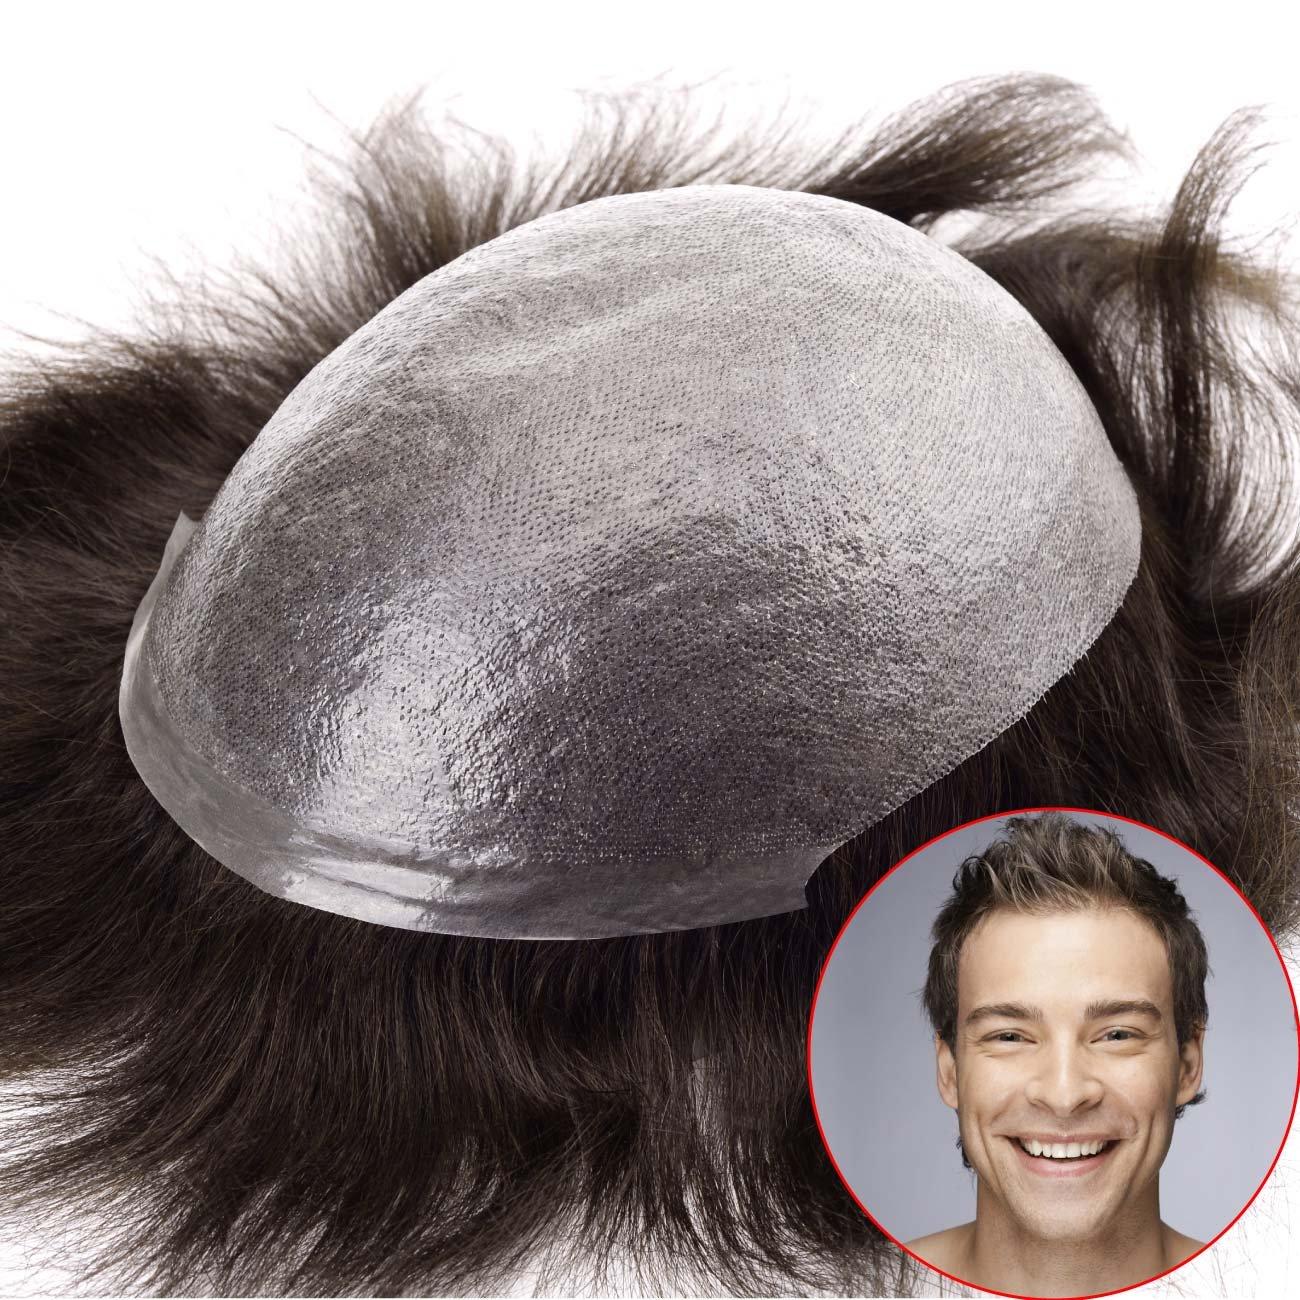 Lordhair Transparent Super Dünne Haut Menschliche Haarersatz Farbe # 1 Toupet Herren Männer Perücke Larcoo International (HK) Co. Limited